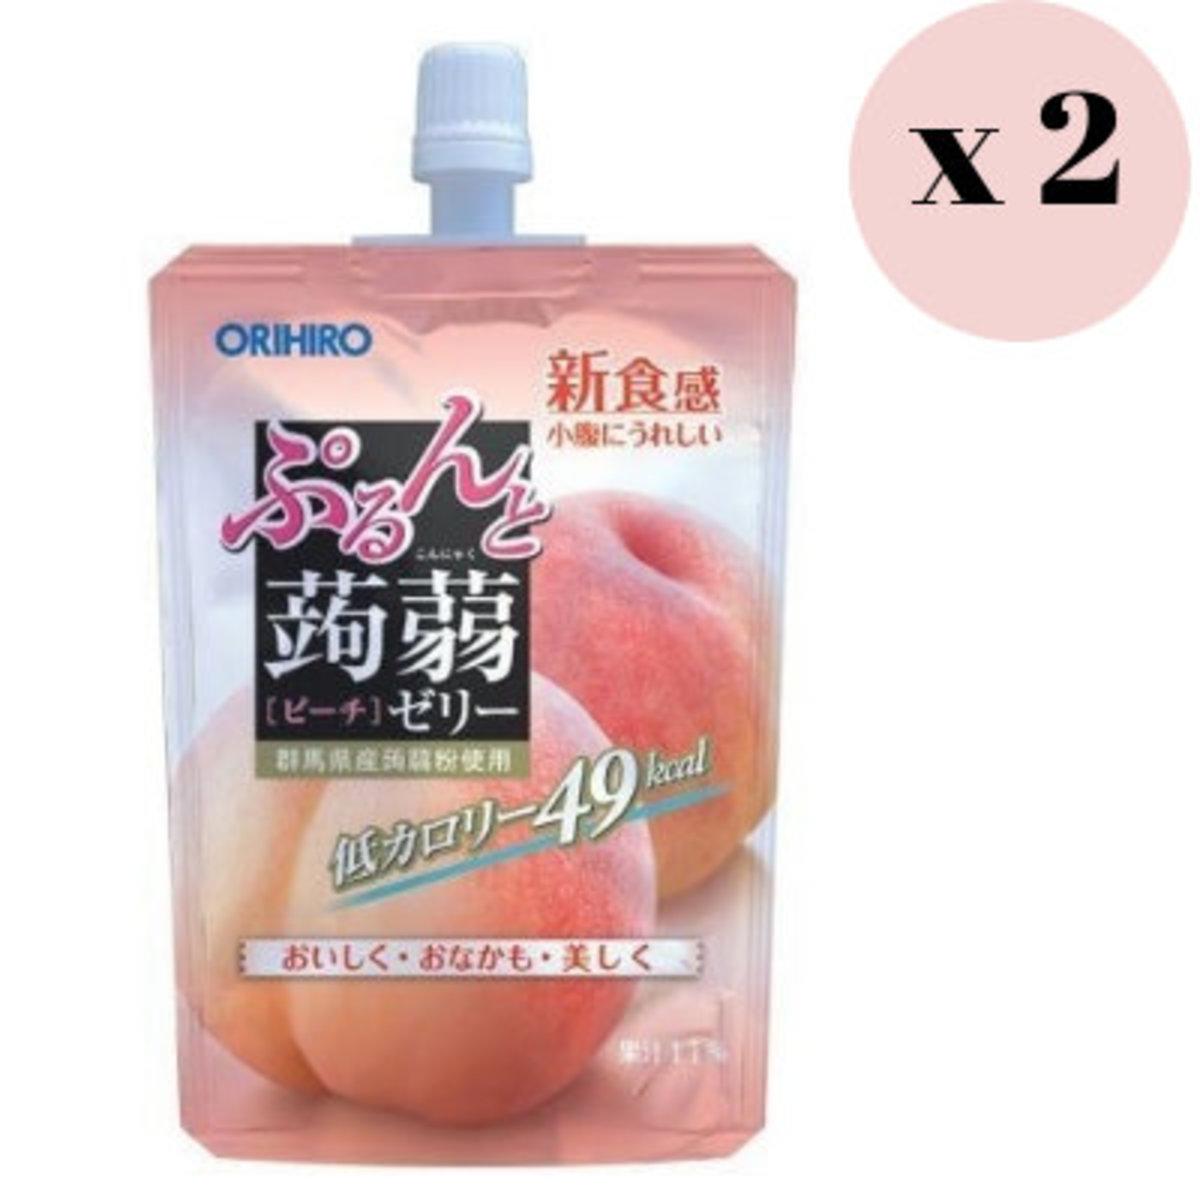 蒟篛 水蜜桃味 啫喱, 支裝 130g x 2包 4571157254296